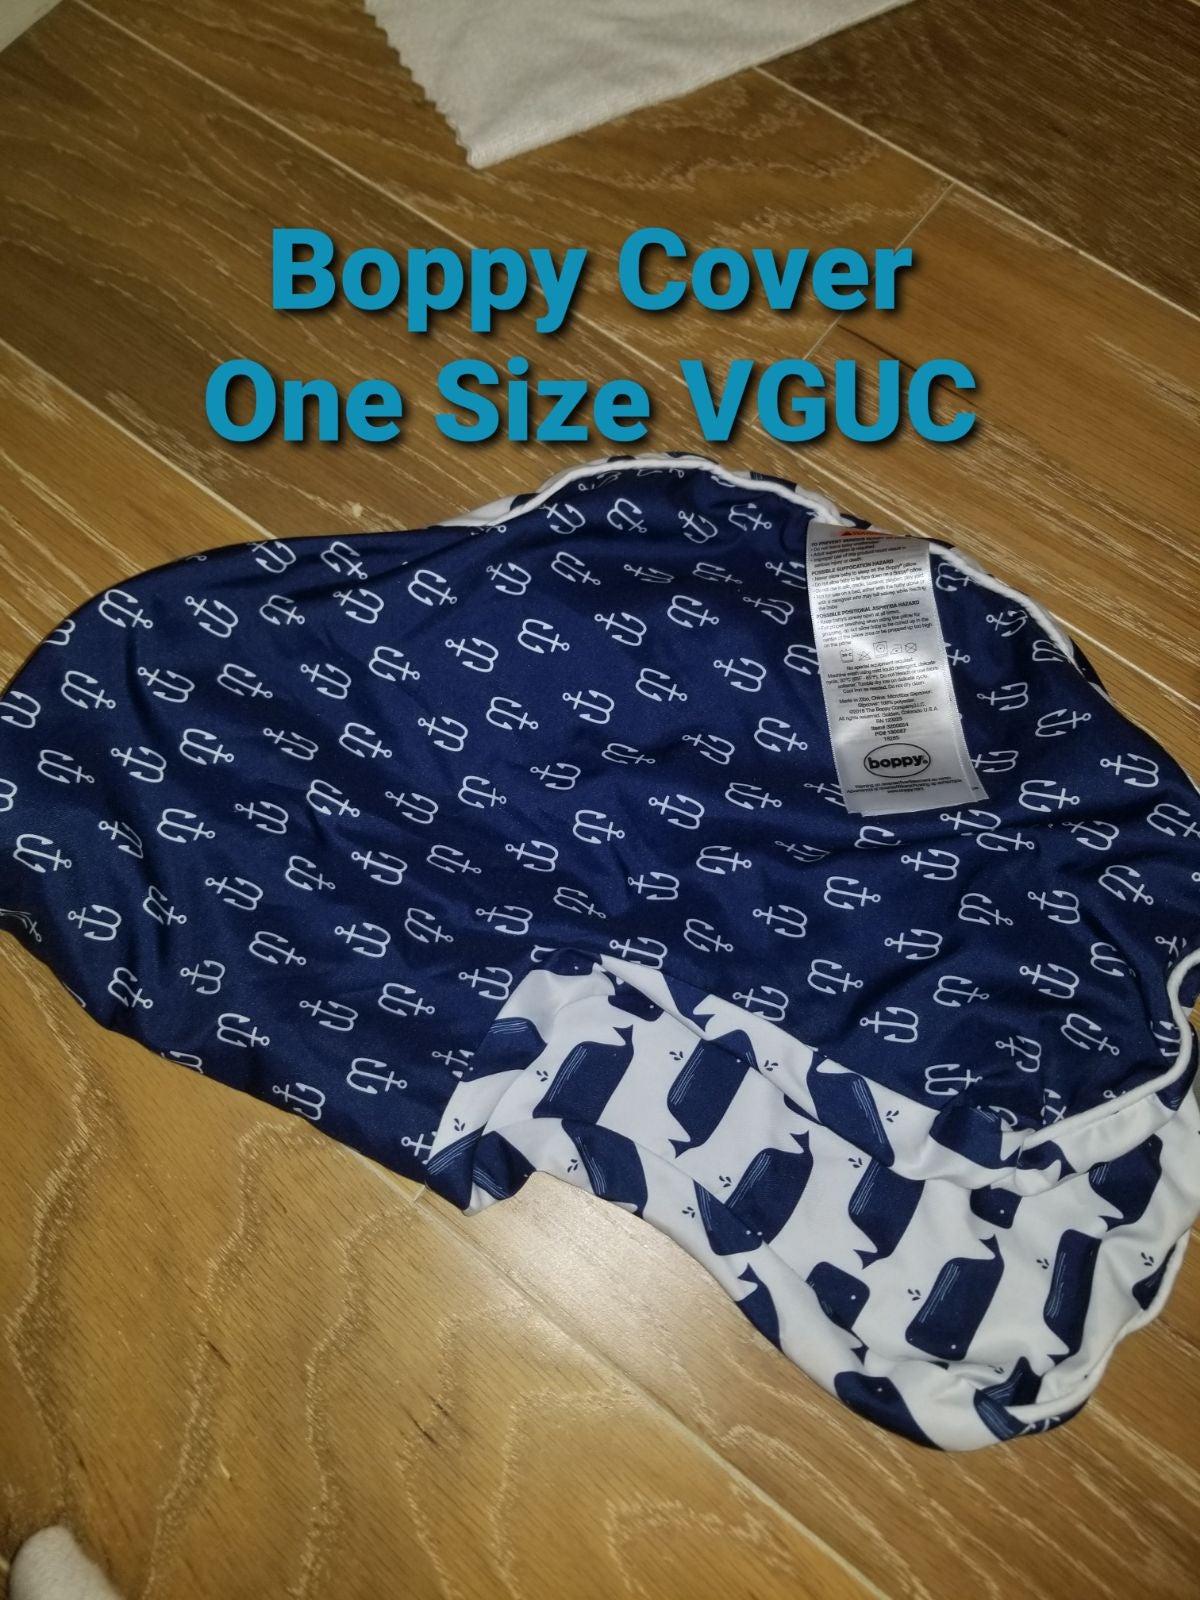 Boppy Pillow Cover